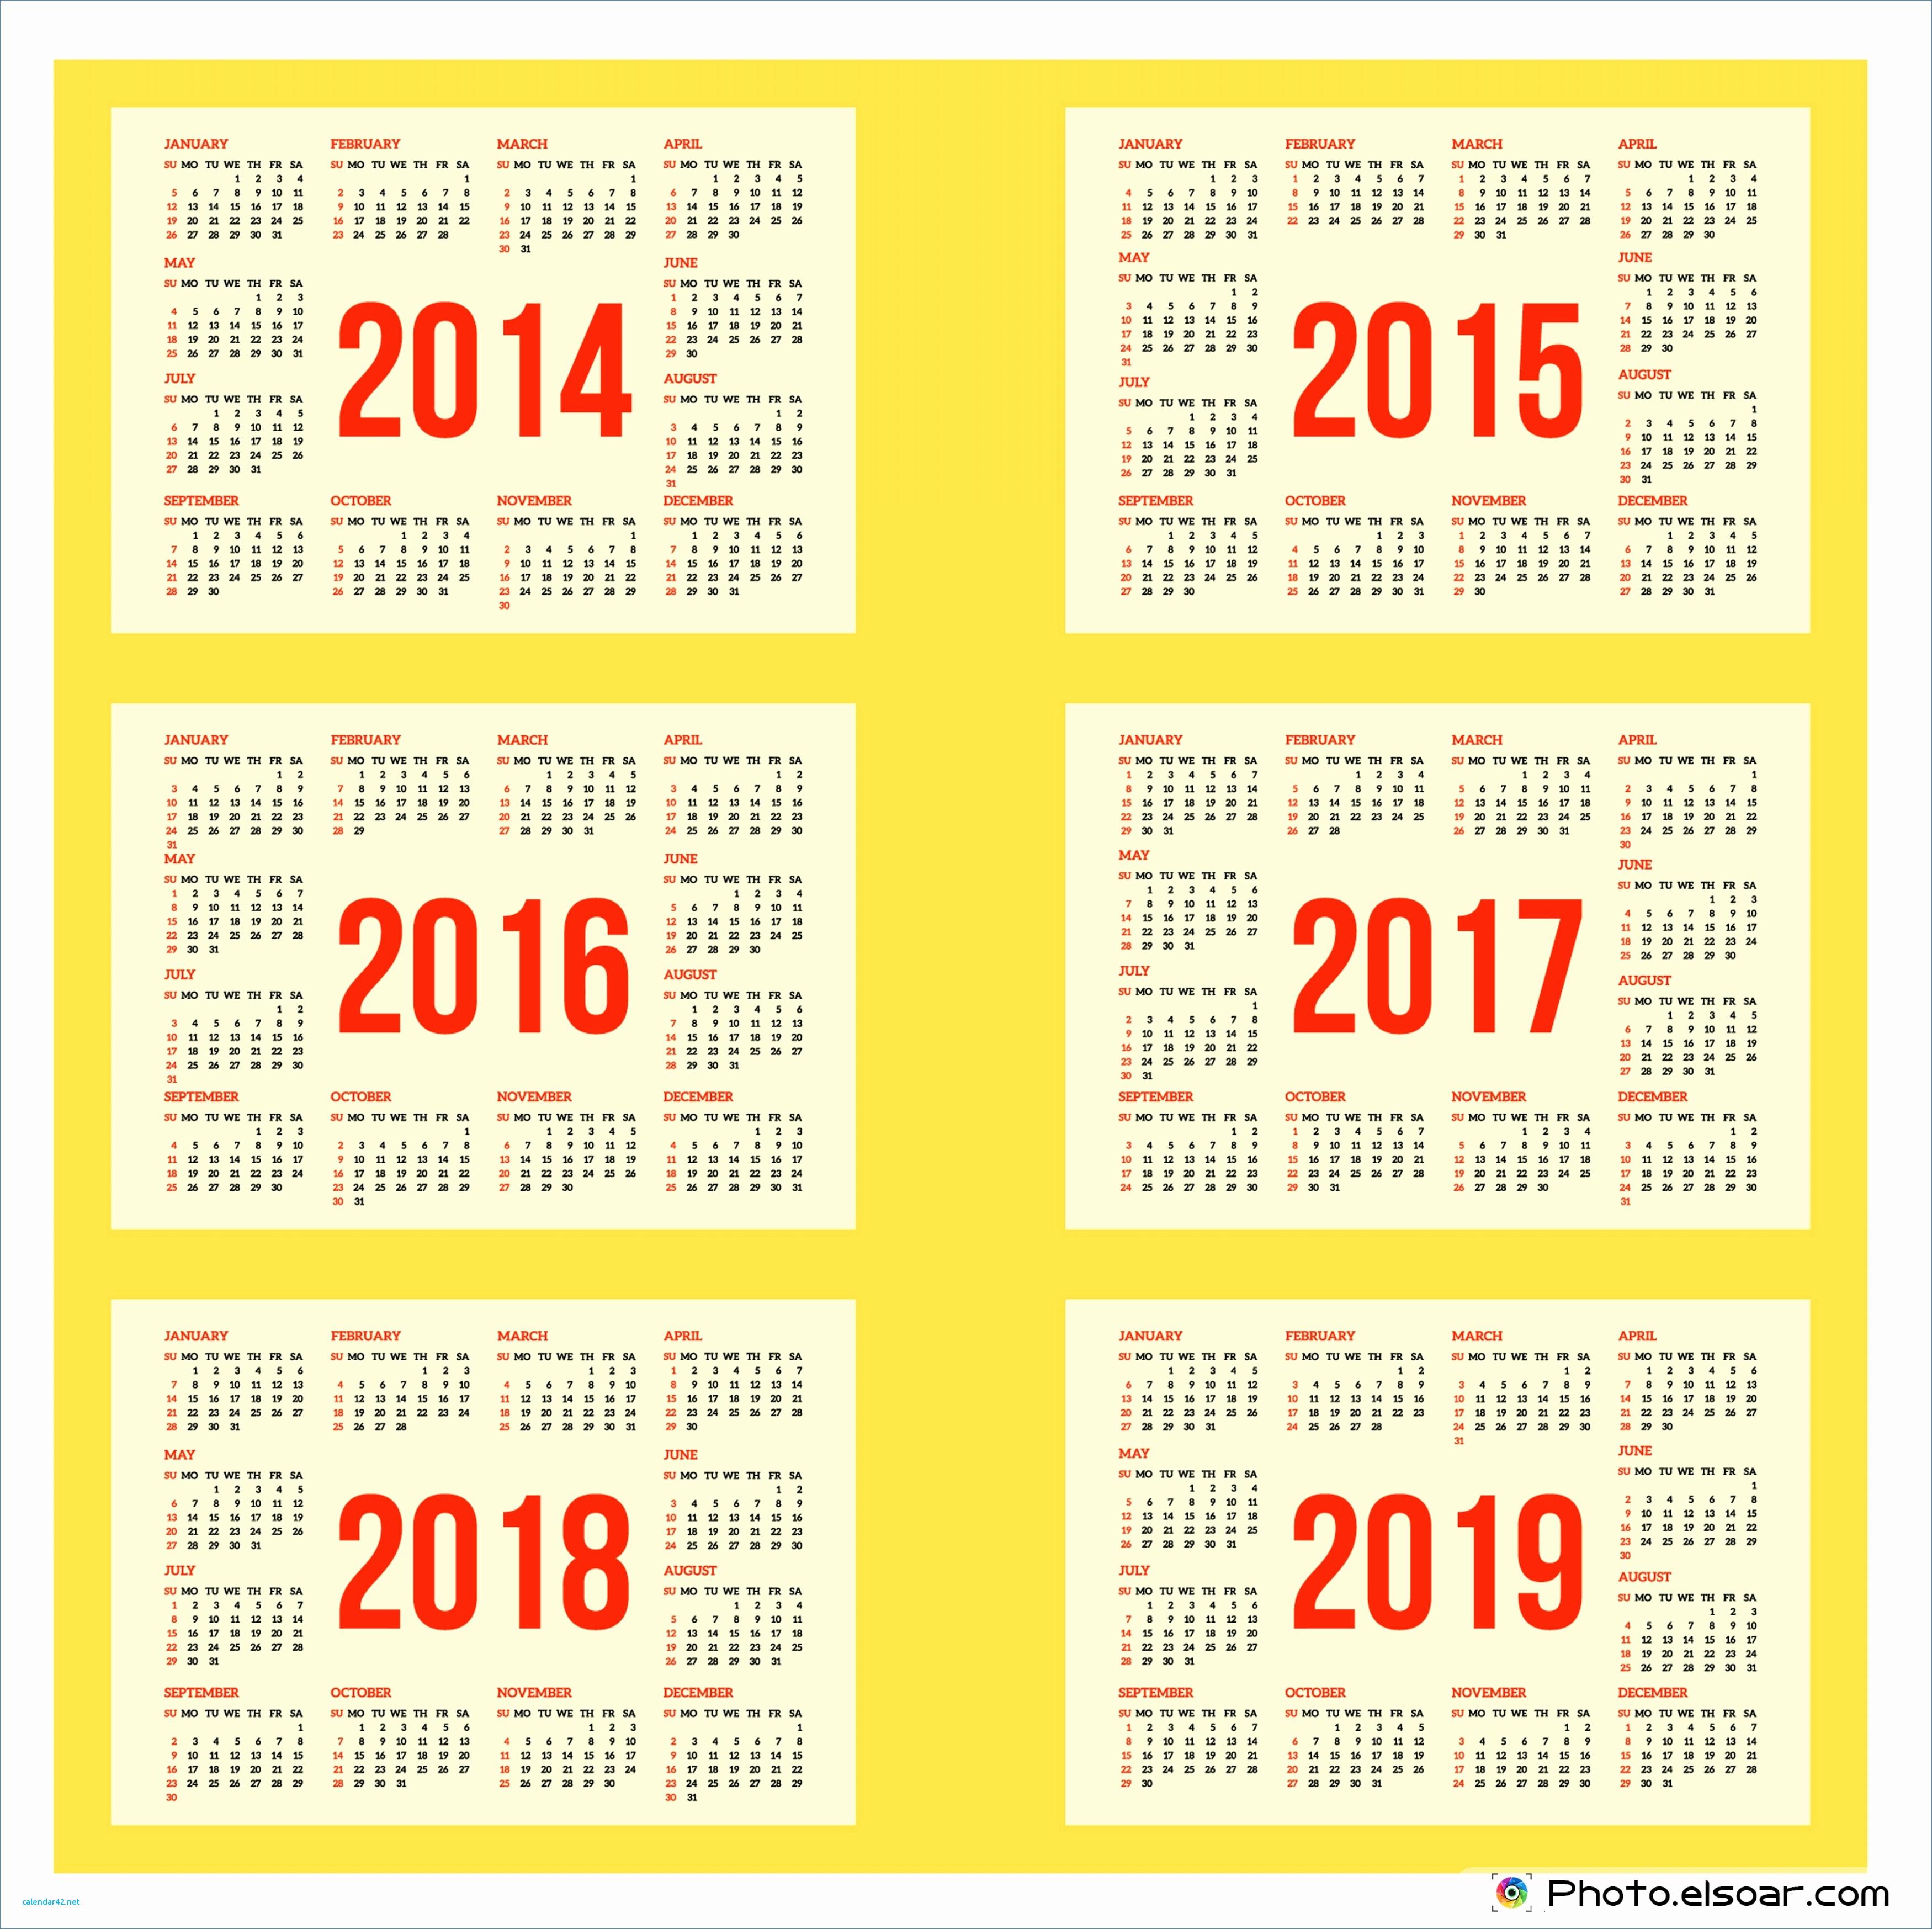 Ramadan 2018 Date Ramadan 2018 When Is Ramadan And What Is Ramadan